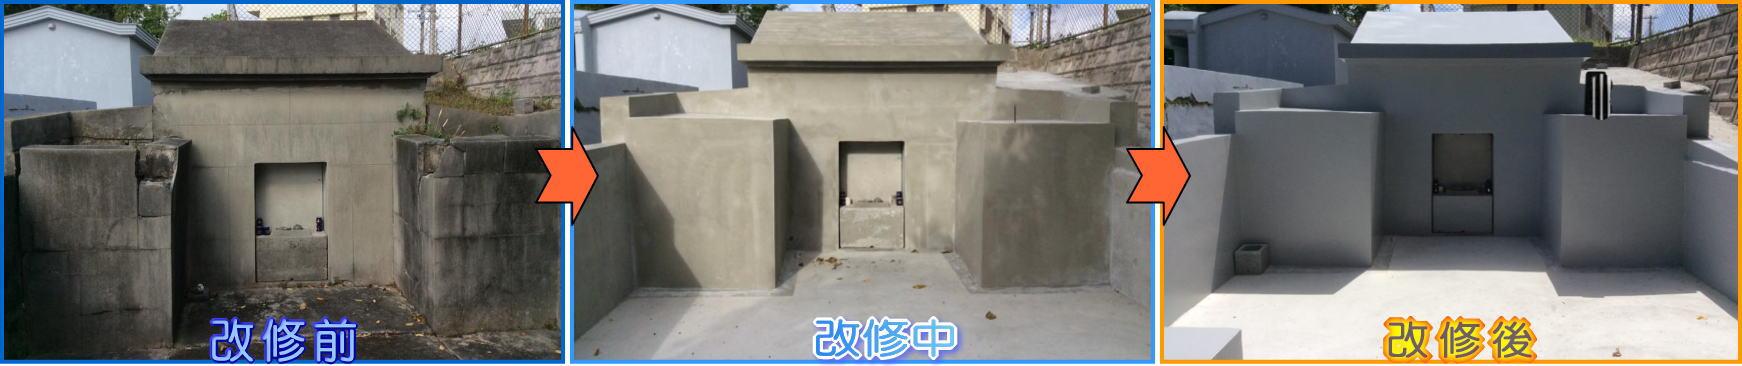 墓改修施工例